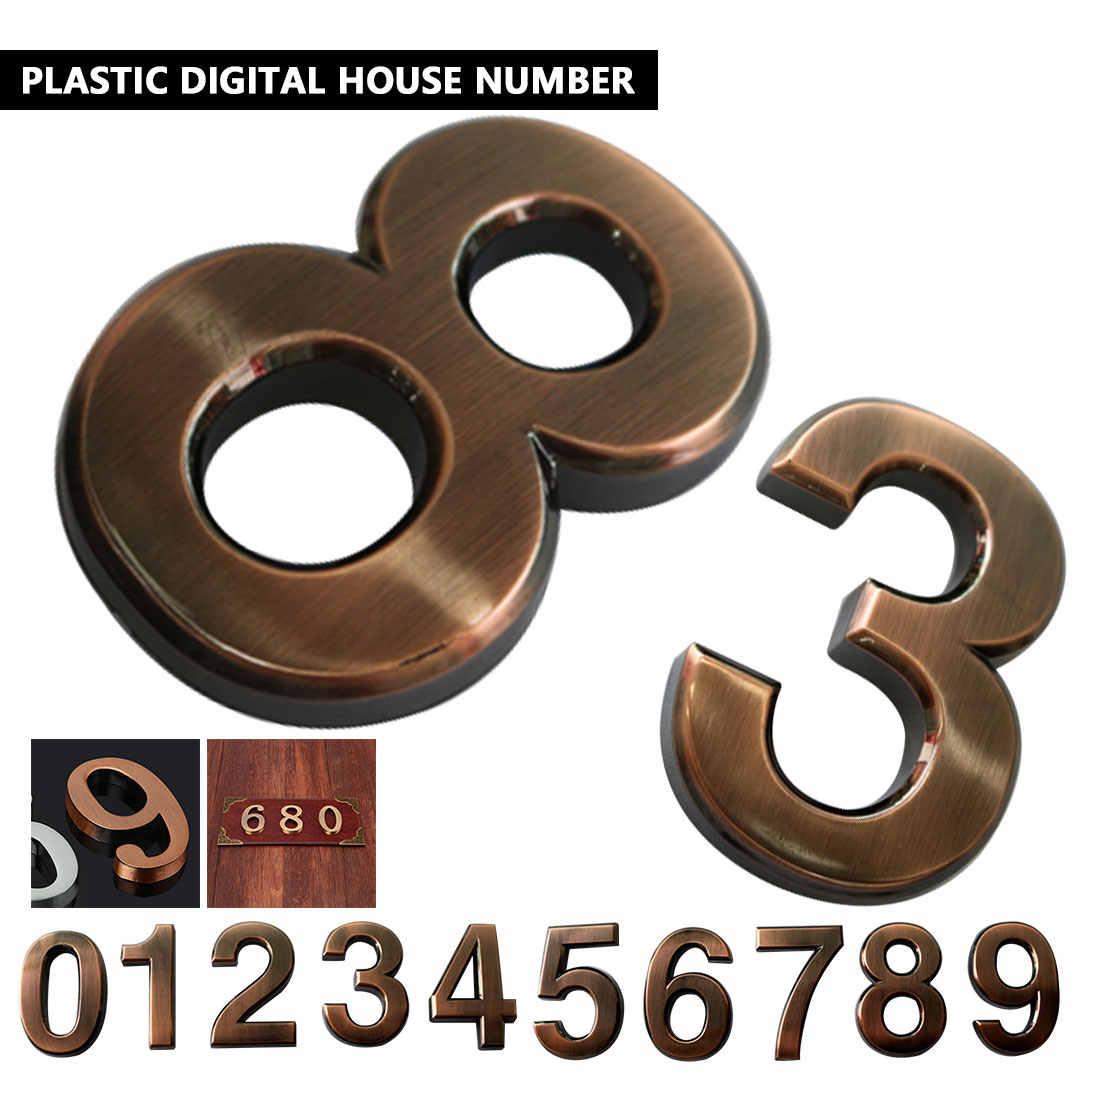 Modern Warna Perunggu Pintu Rumah Hotel Alamat Plakat Stiker Tanda Plat Nomor Digit Praktis Room Gate Nomor 0-9